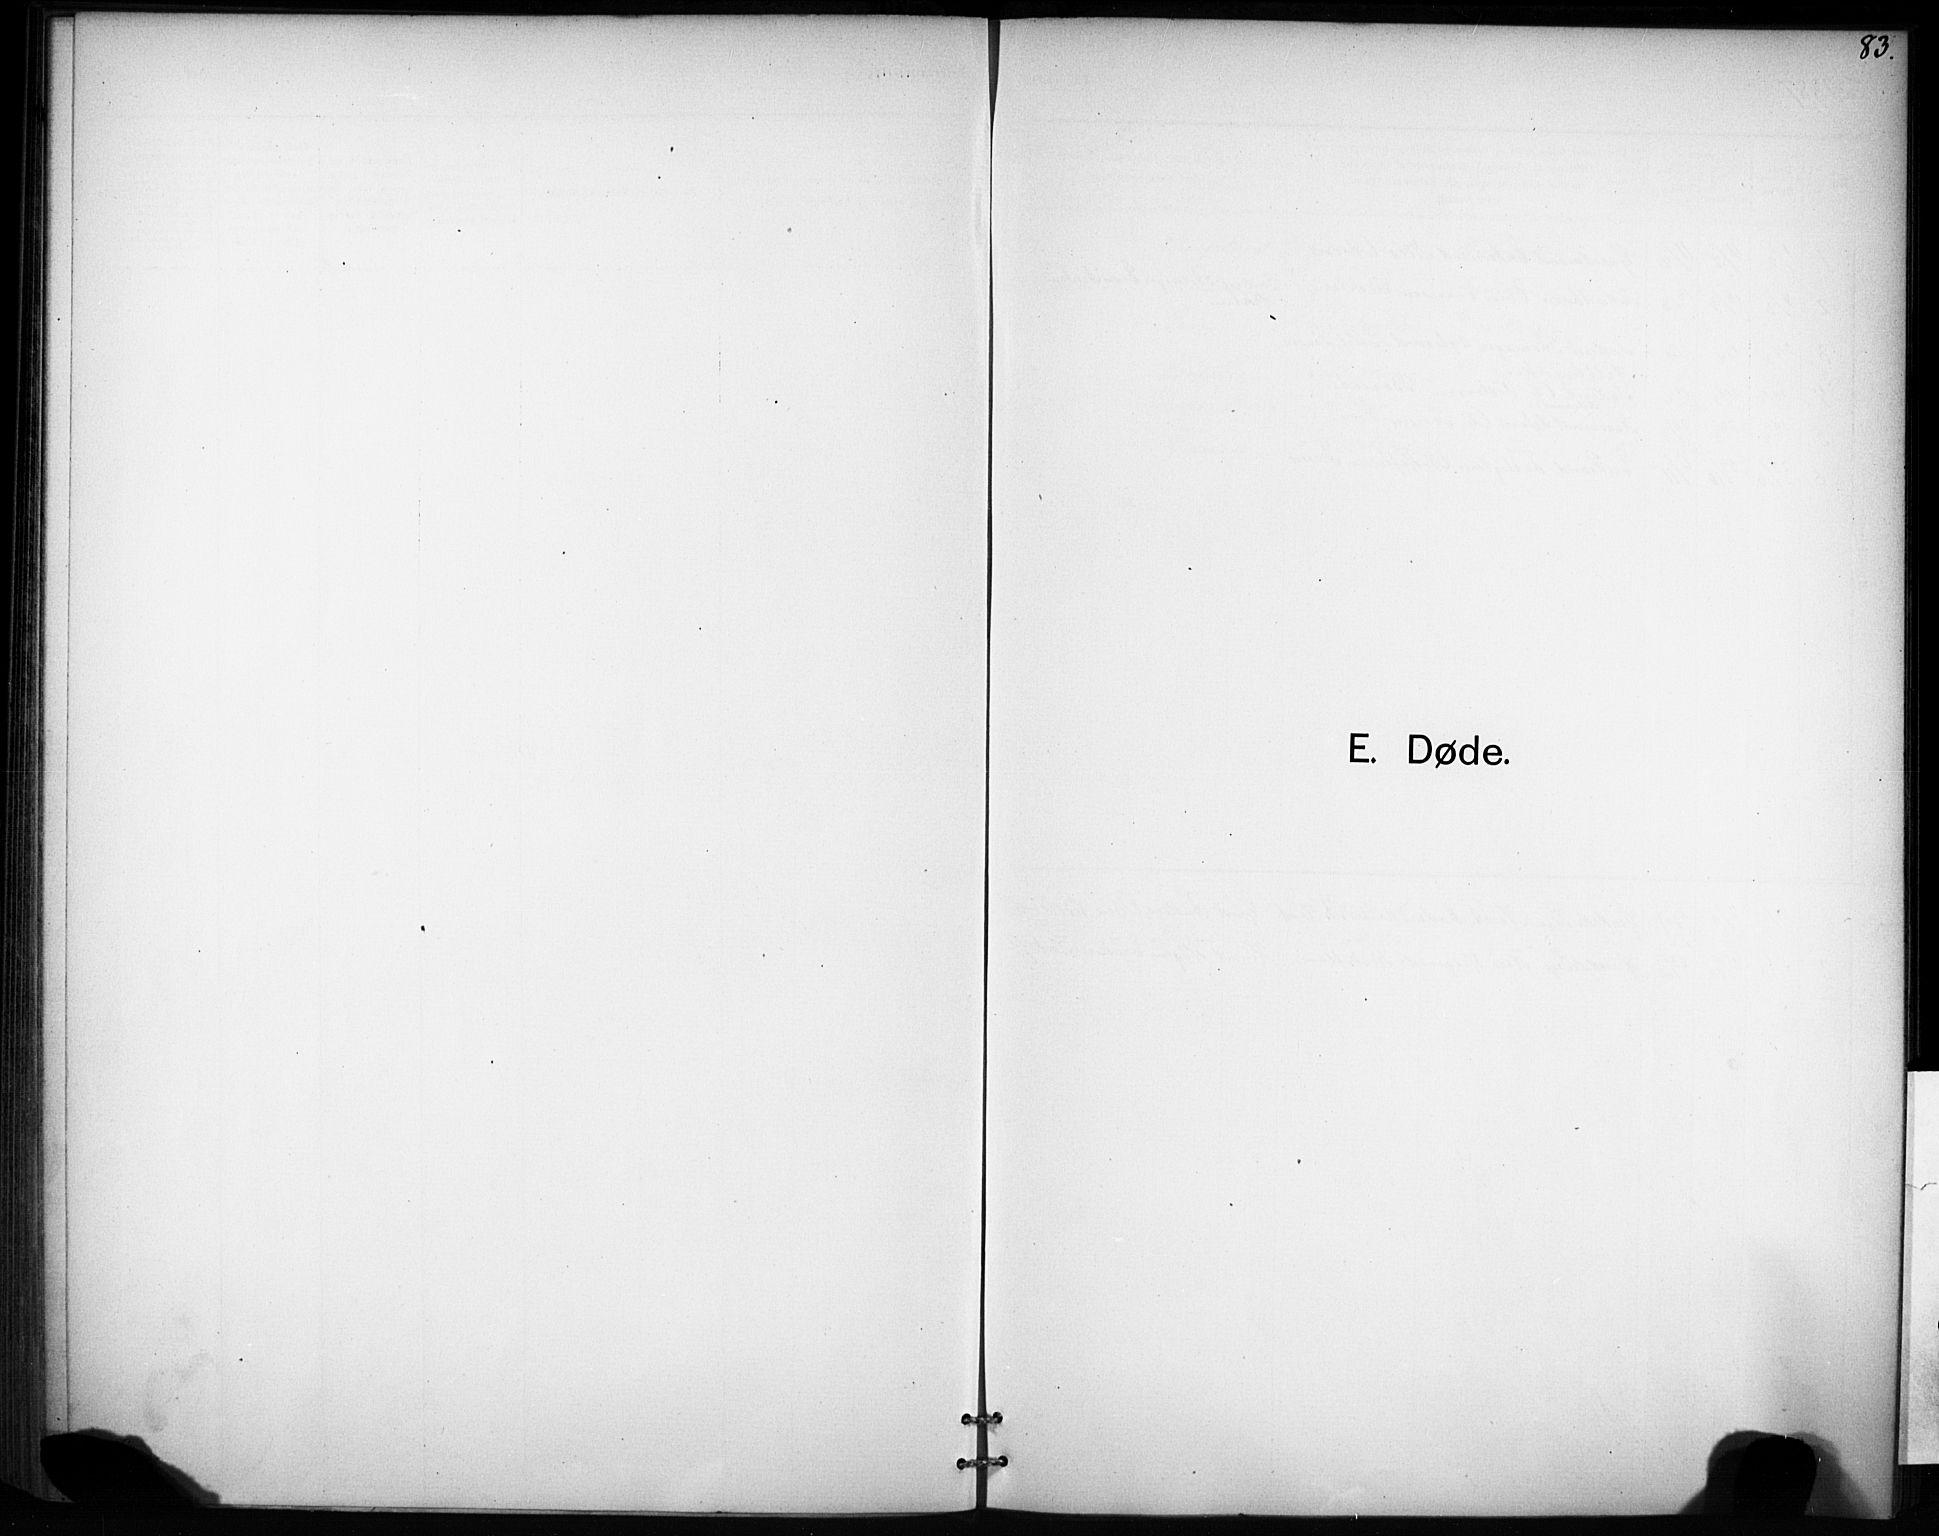 SAT, Ministerialprotokoller, klokkerbøker og fødselsregistre - Sør-Trøndelag, 693/L1119: Ministerialbok nr. 693A01, 1887-1905, s. 83